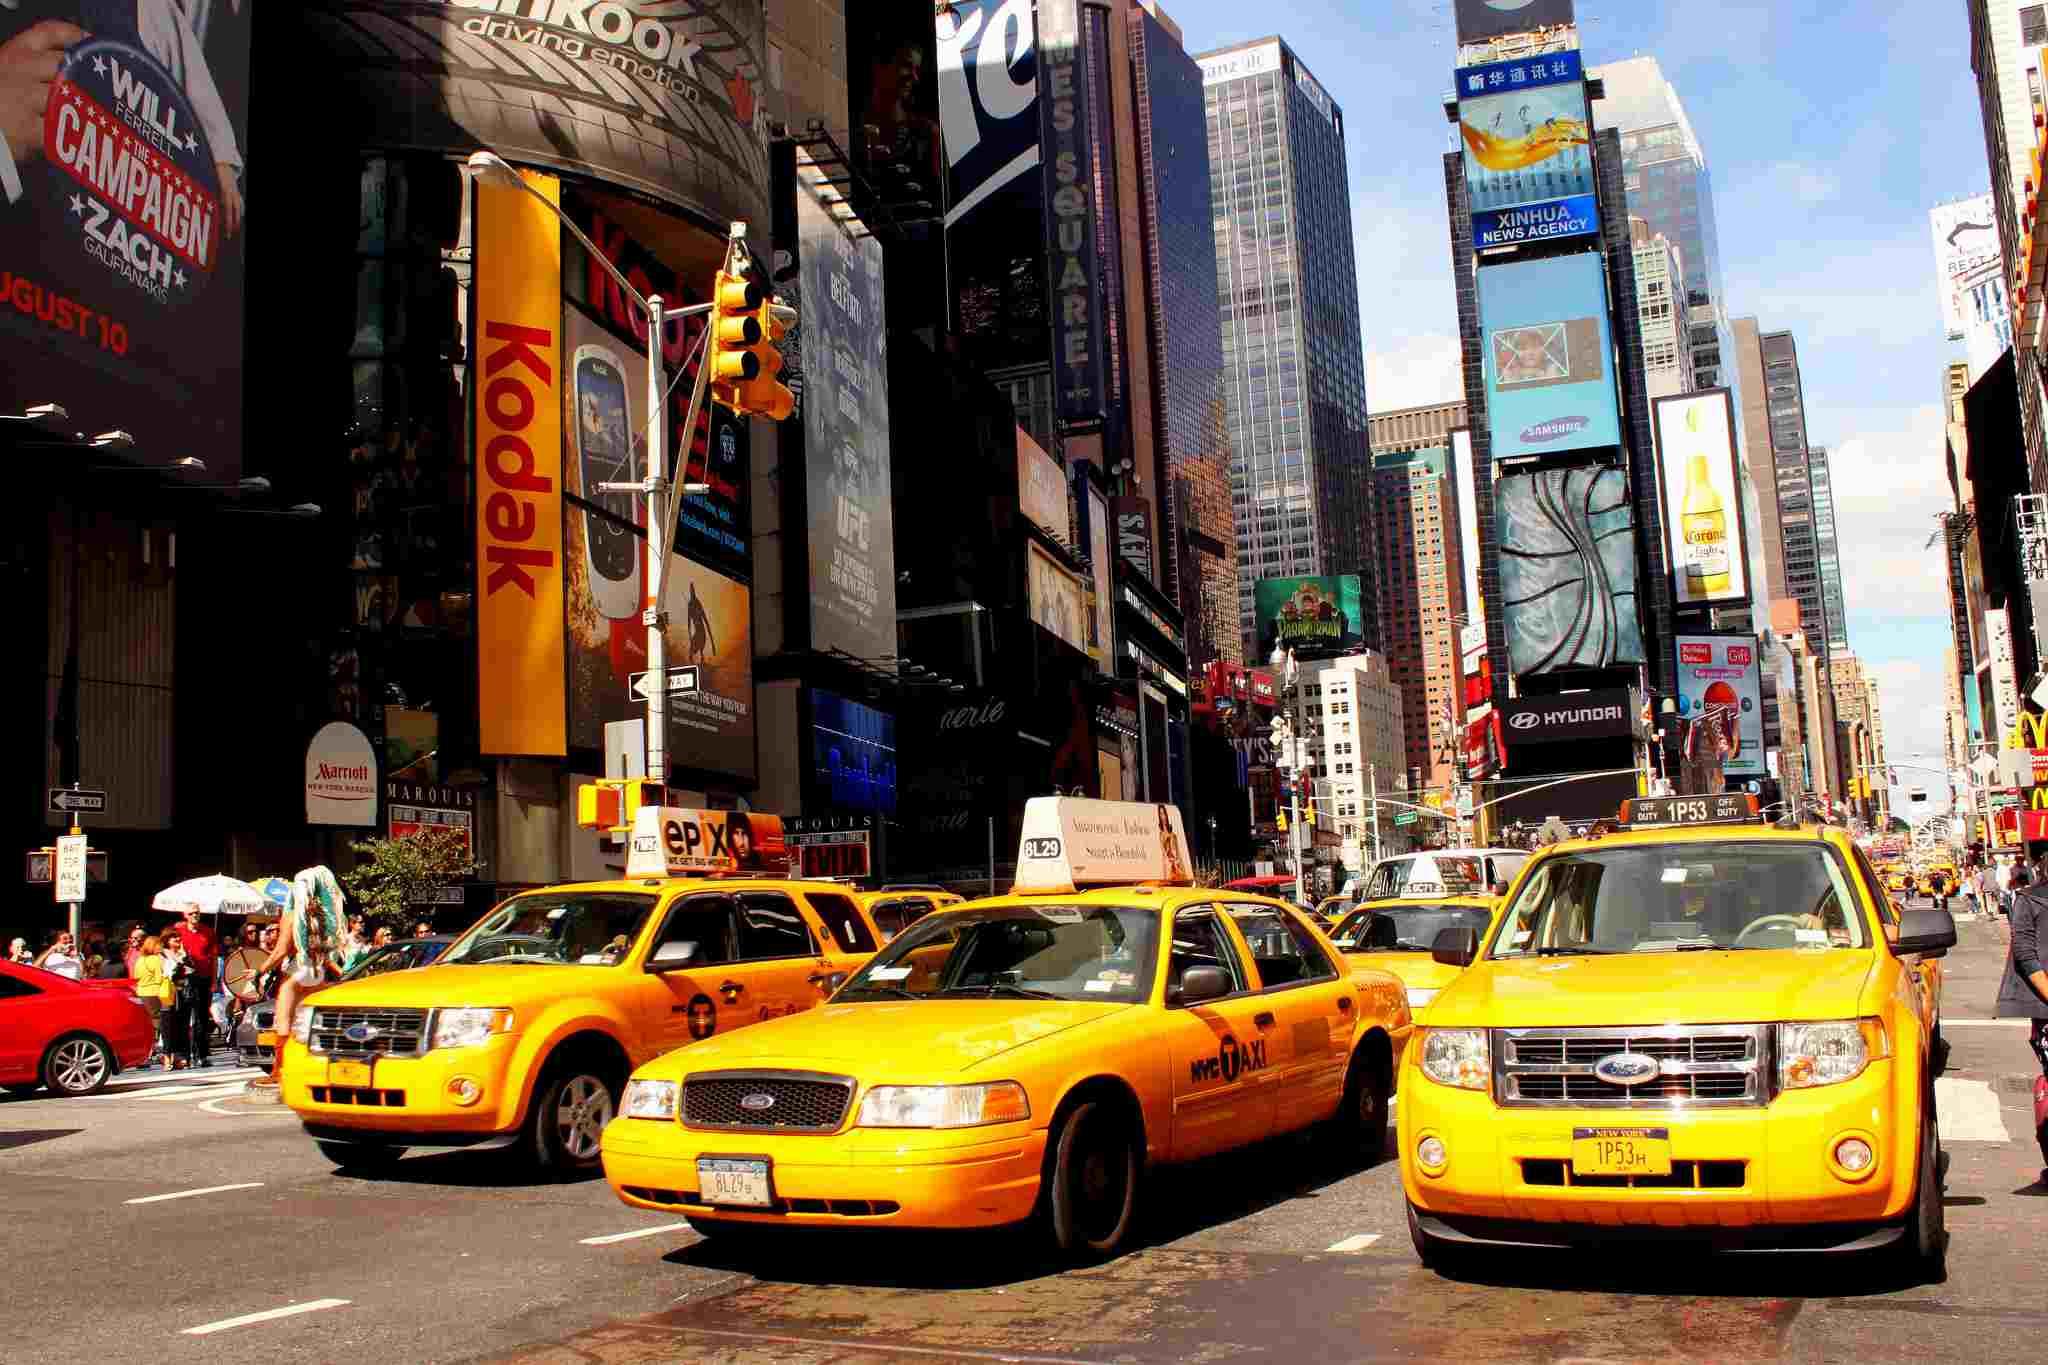 Aquellos que viajan en taxis o viajes compartidos también pueden ser blanco de estafas en Nueva York.